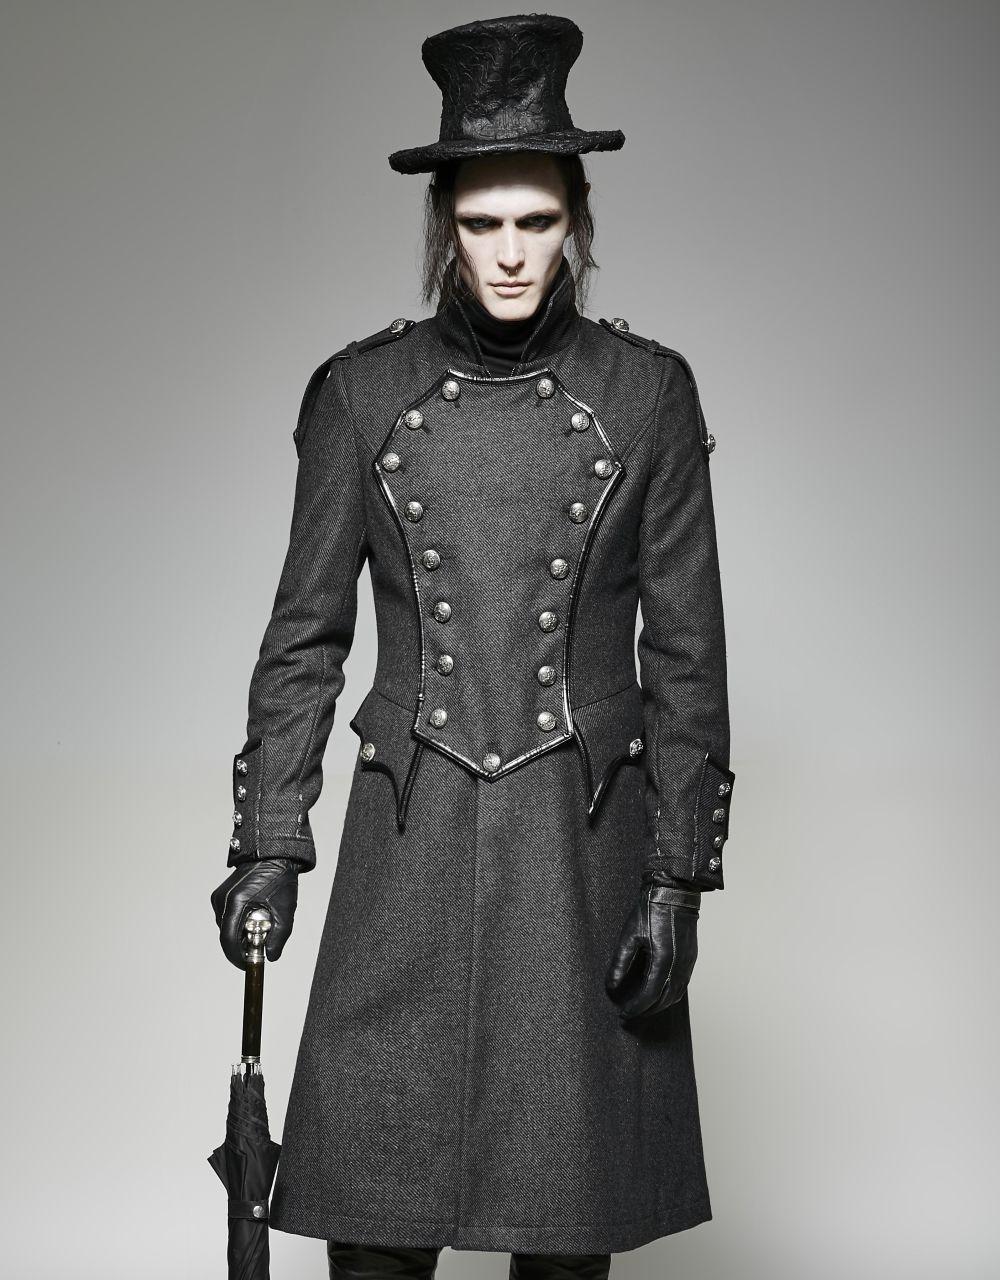 manteau gothique homme trench gris de style gentleman anglais. Black Bedroom Furniture Sets. Home Design Ideas